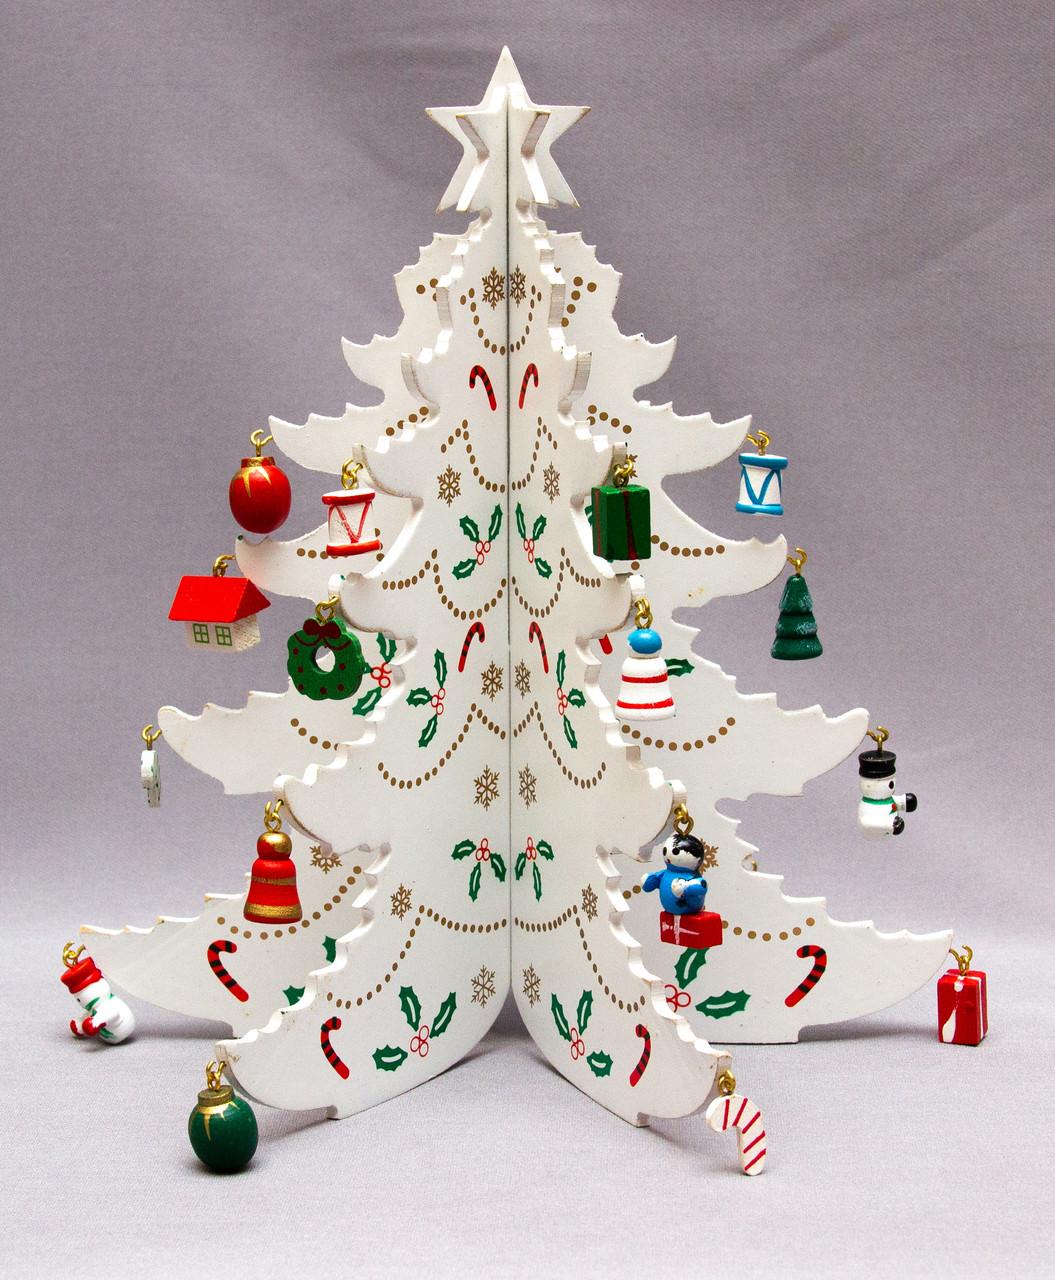 Настільна дерев'яна ялинка, 22 см, білий, дерево (060887)